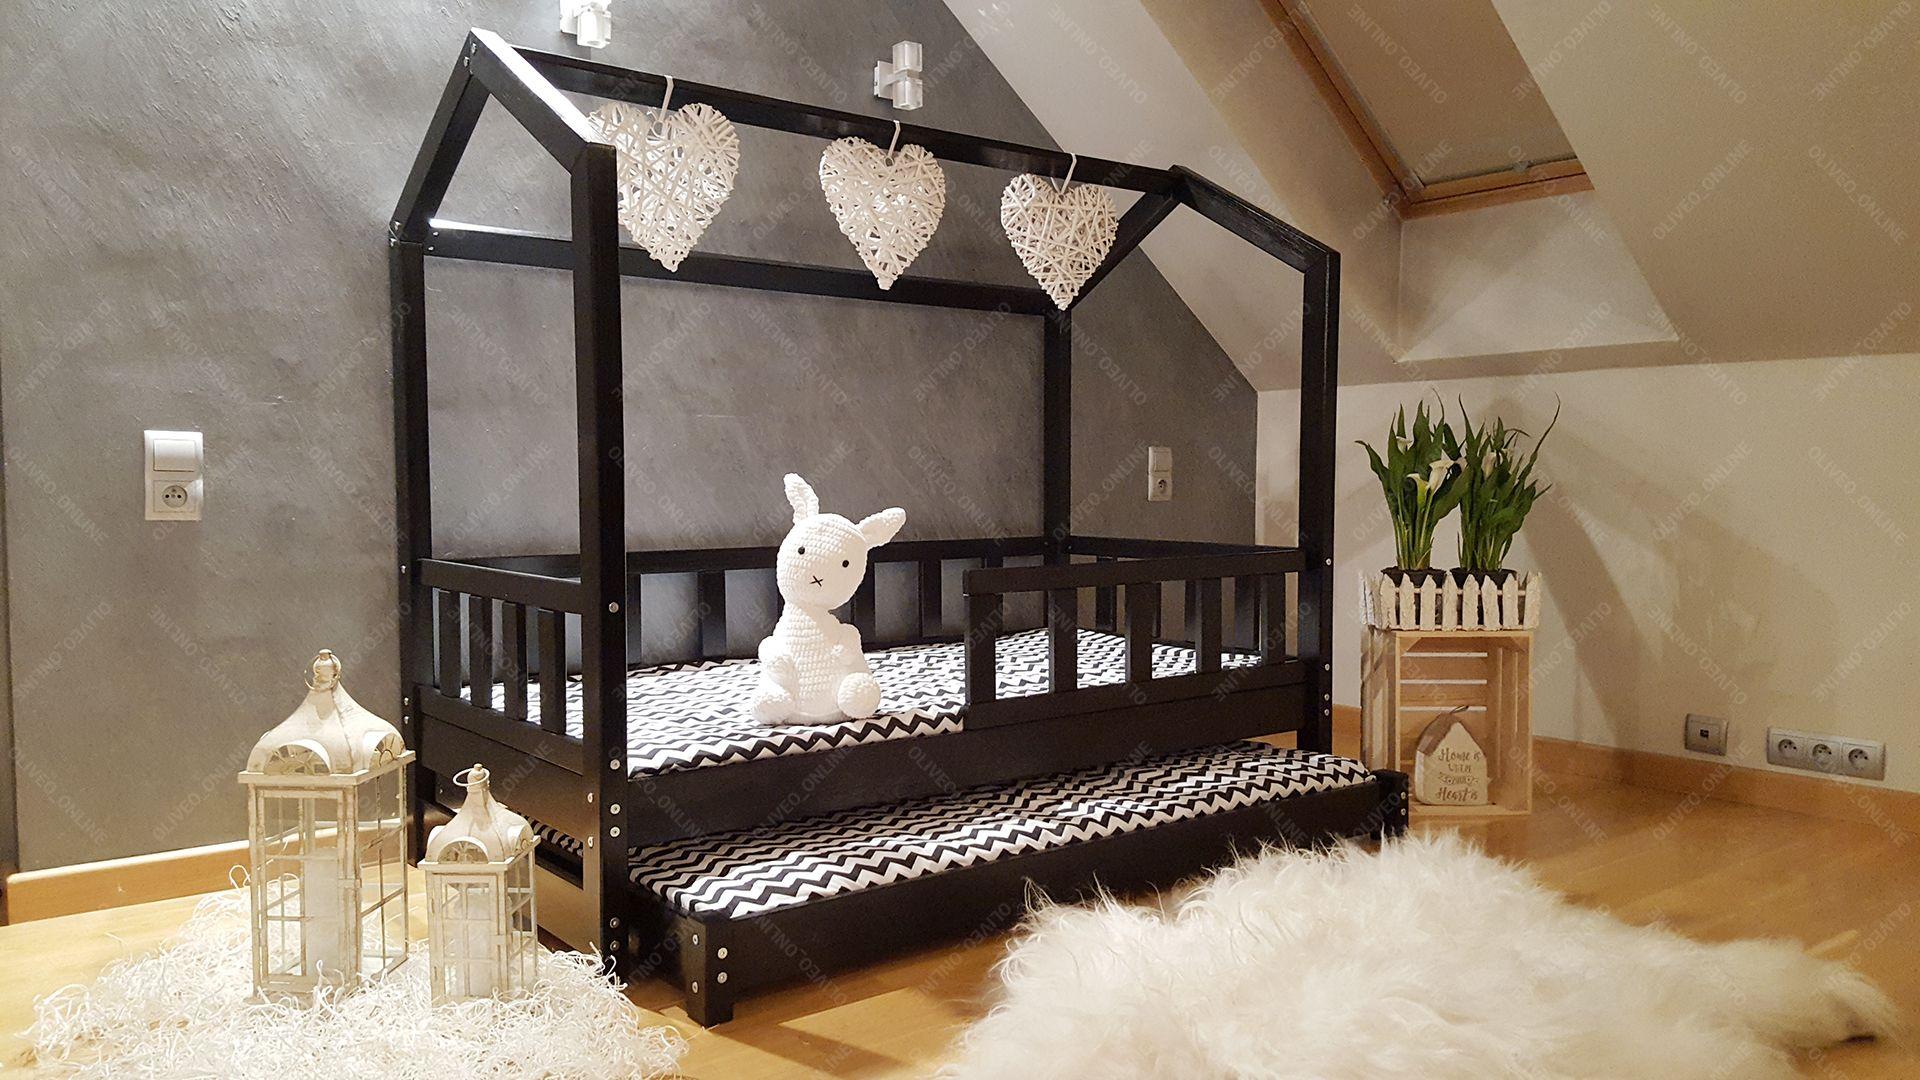 Oliveo Mon lit cabane Barri/ères de s/écurit/é et tiroir 5 Jours Livraison Lit pour Enfants,lit denfant,lit cabane avec barri/ère 120 x 60 cm, Barri/ères de s/écurit/é et tiroir: avec